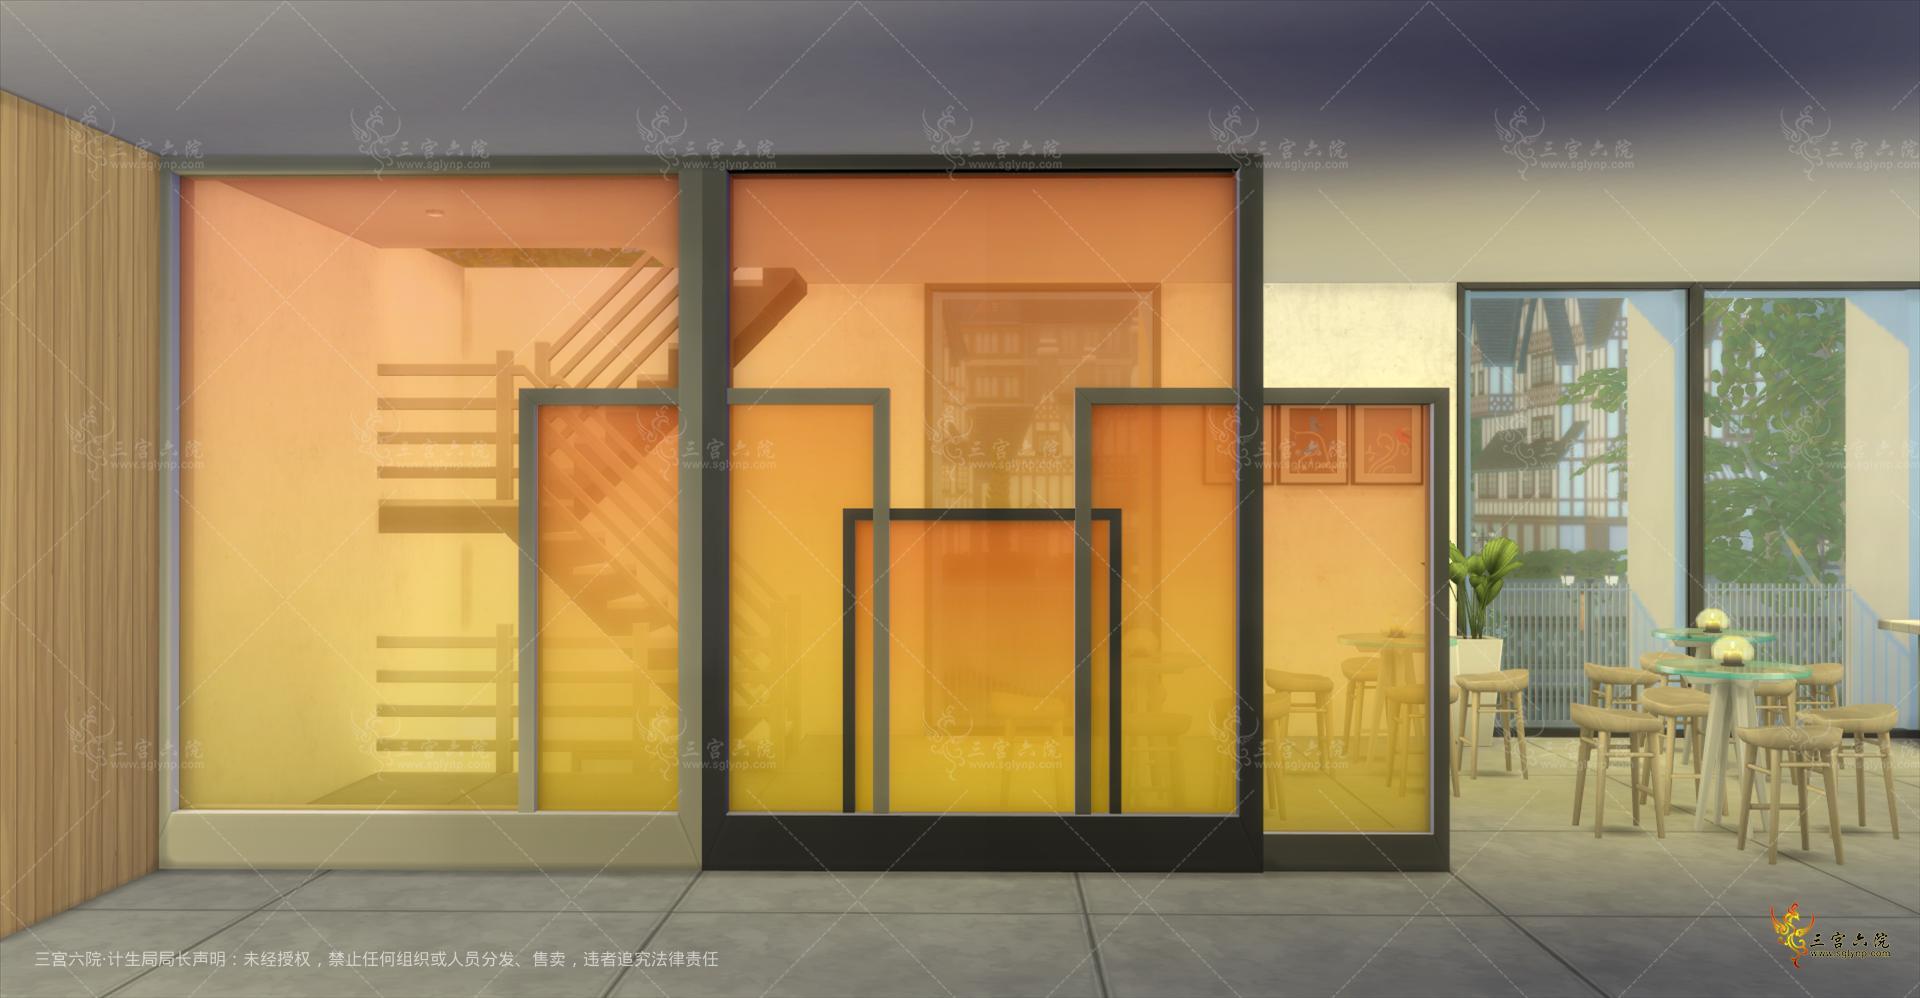 Sims 4 Screenshot 2021.09.19 - 14.57.53.49.png